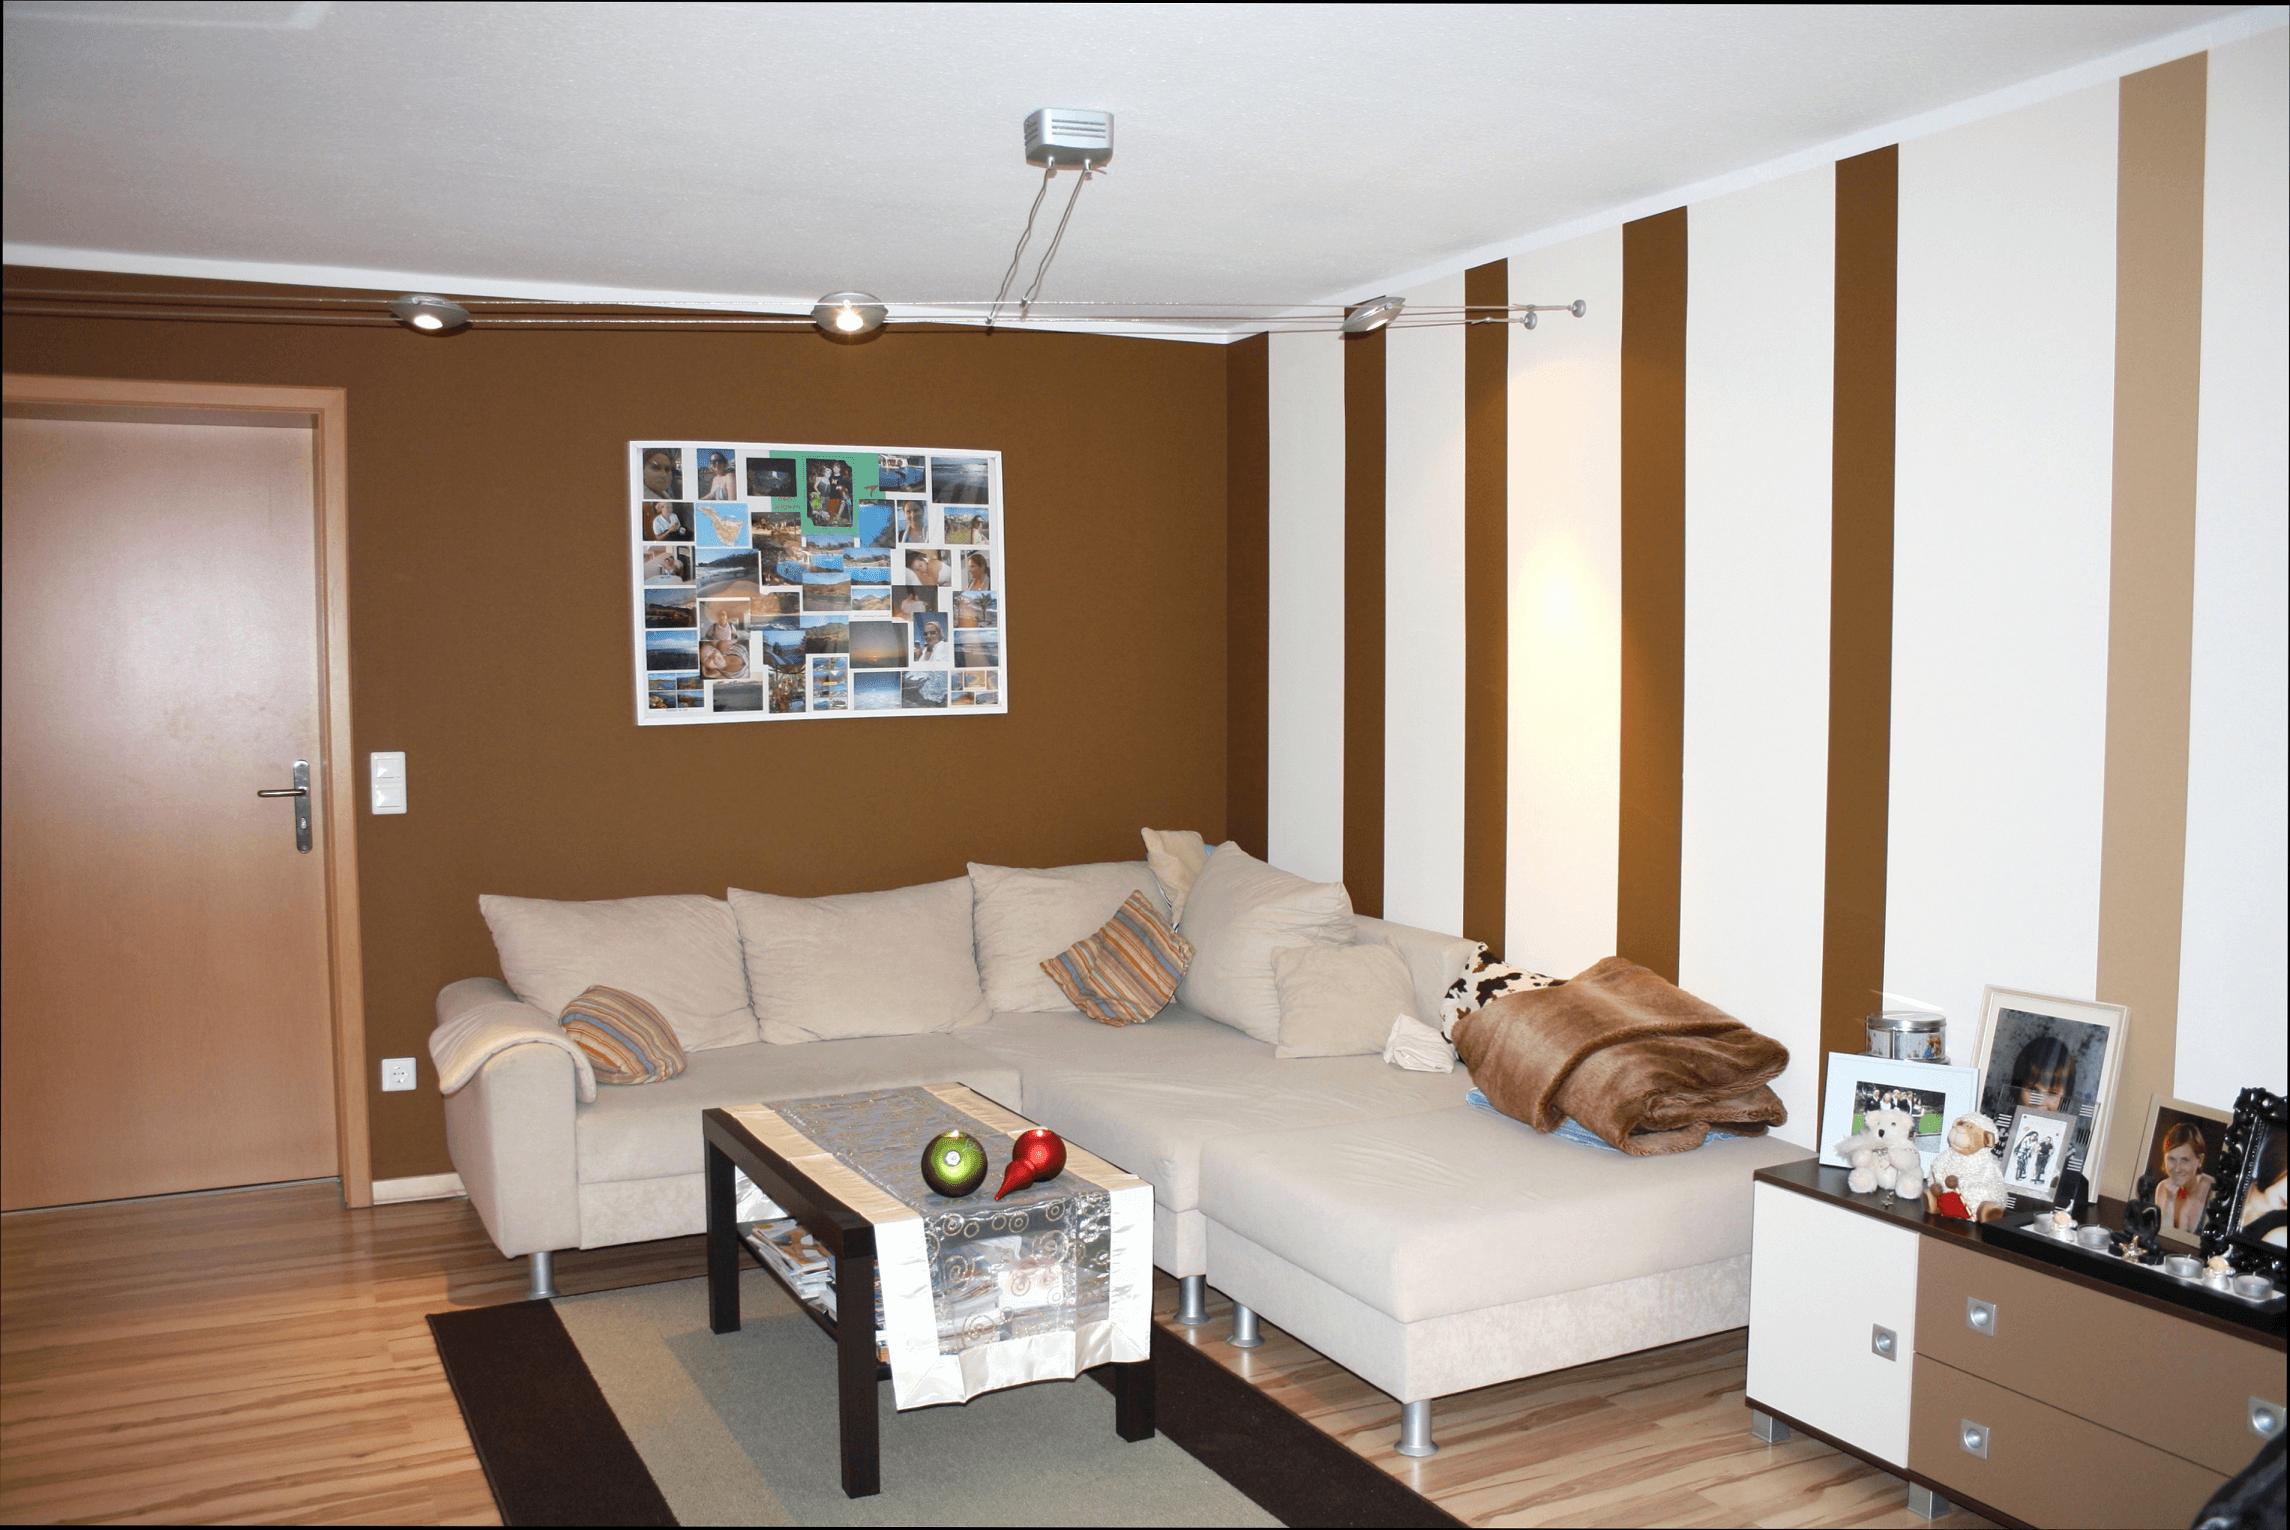 Wohnzimmer Umbau Ideen  Farbgestaltung wohnzimmer, Wohnzimmer